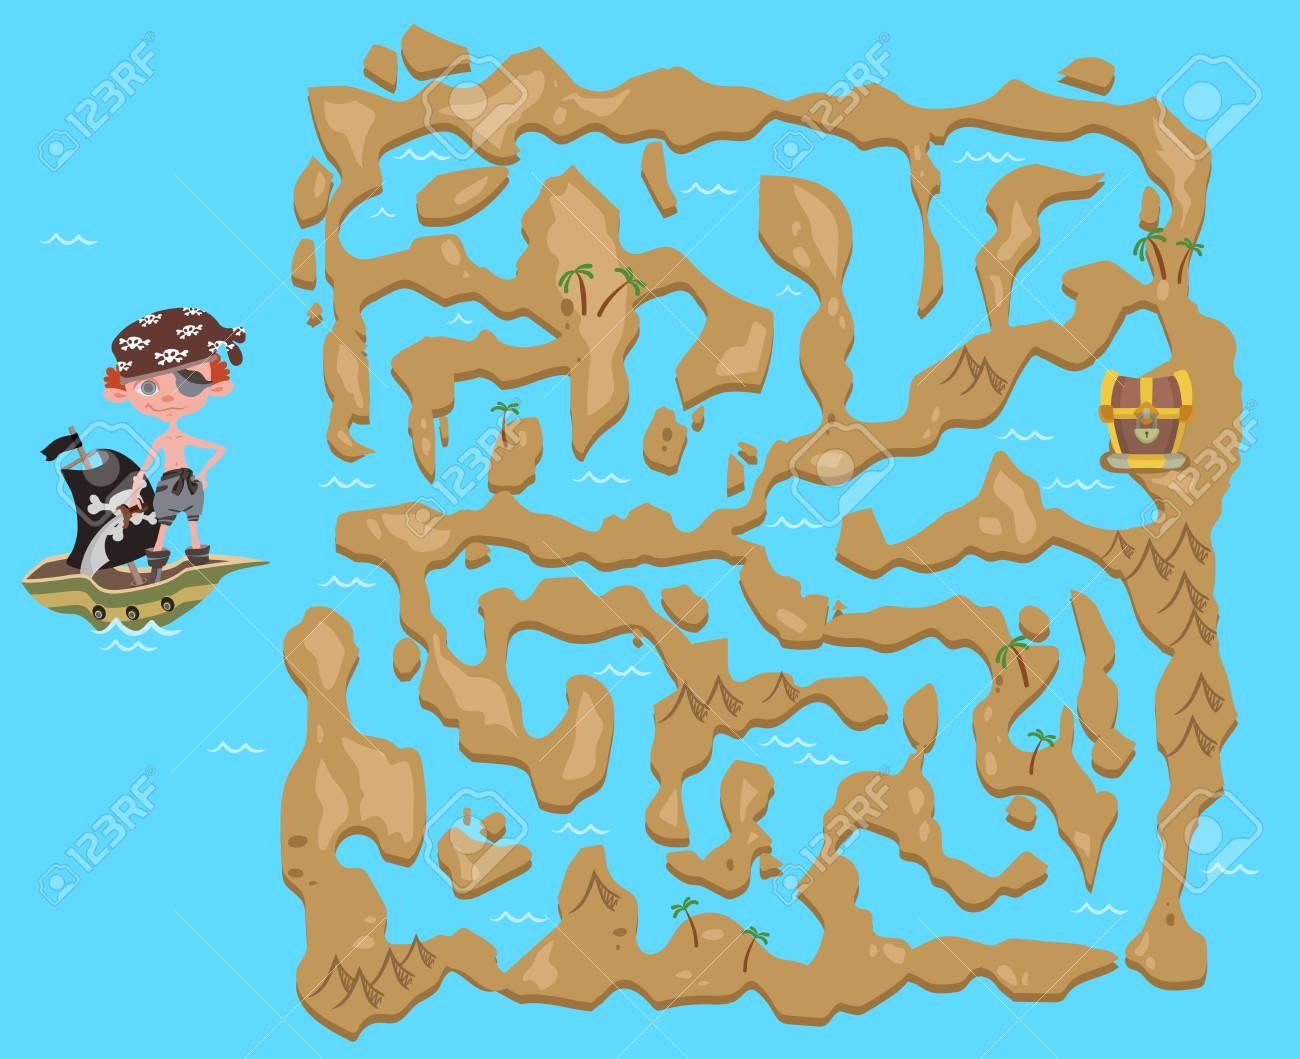 Mapa Del Tesoro Pirata Para Niños.Laberinto De Ninos Mapa Del Tesoro Pirata Lindo Juego De Rompecabezas Para Ninos Ilustracion Vectorial